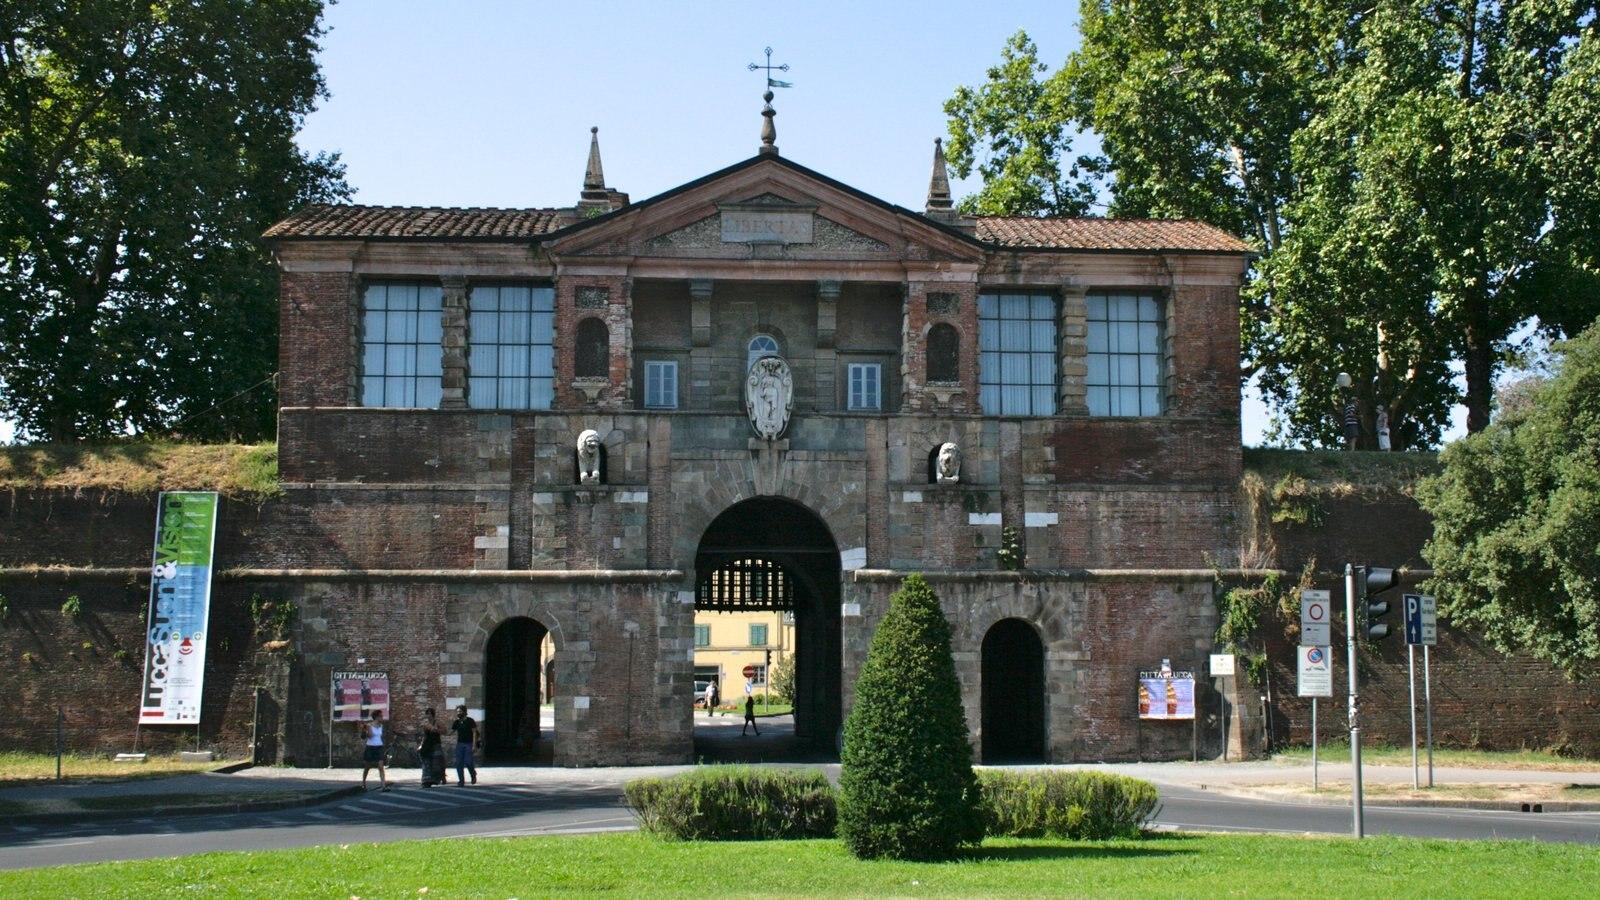 Viareggio featuring a park and heritage architecture